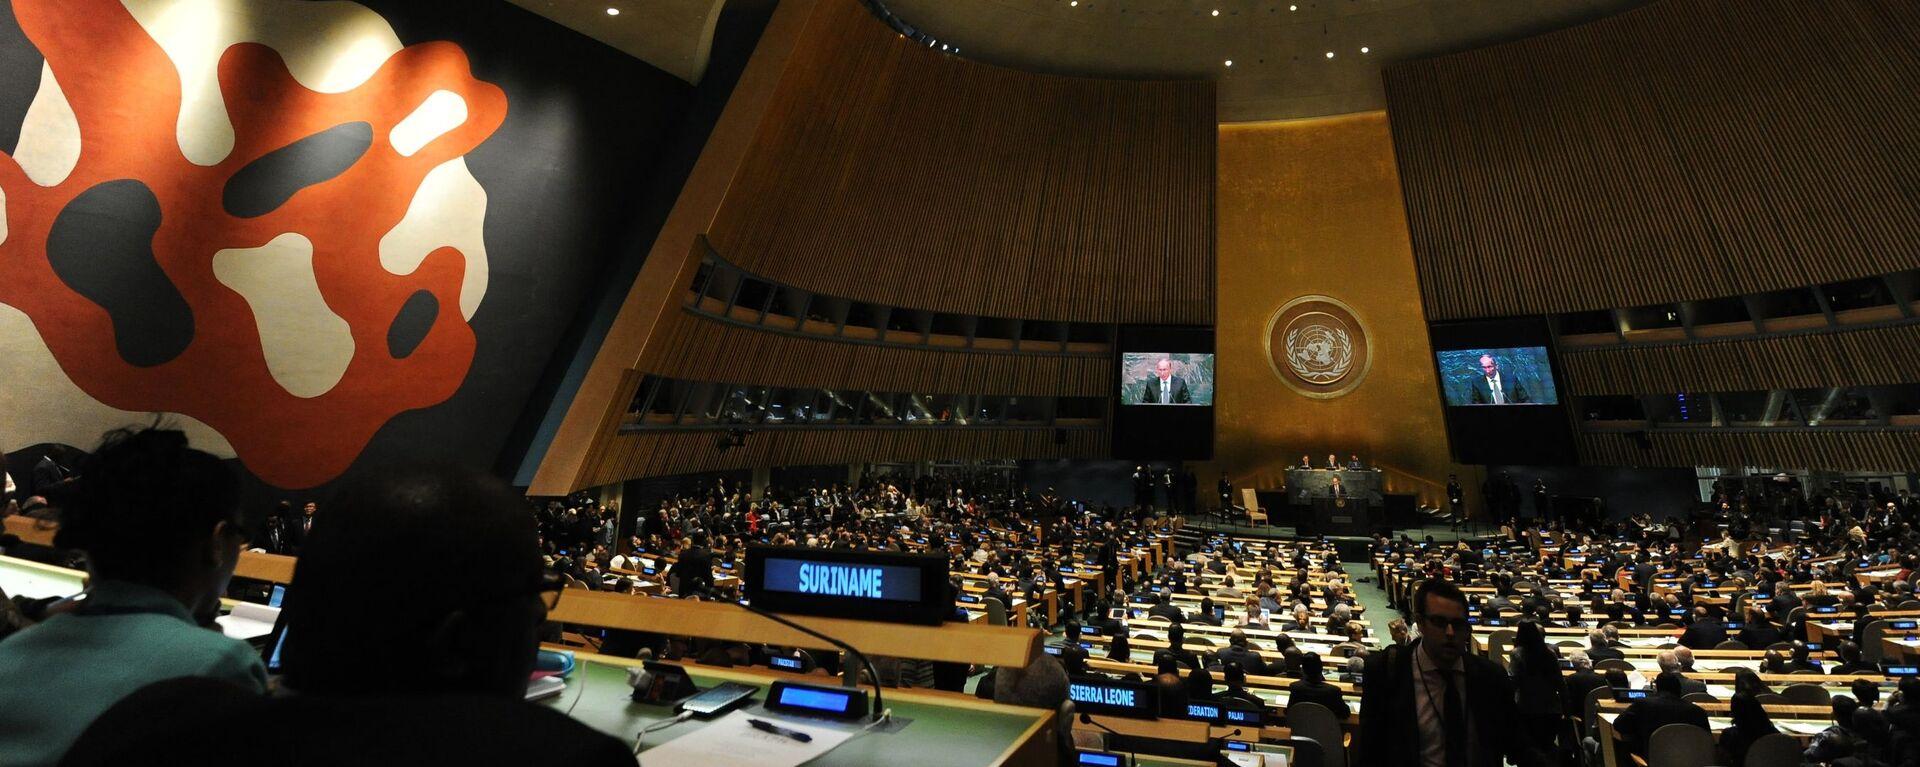 Sál zasedání Valného shromáždění OSN v New Yorku - Sputnik Česká republika, 1920, 29.07.2021